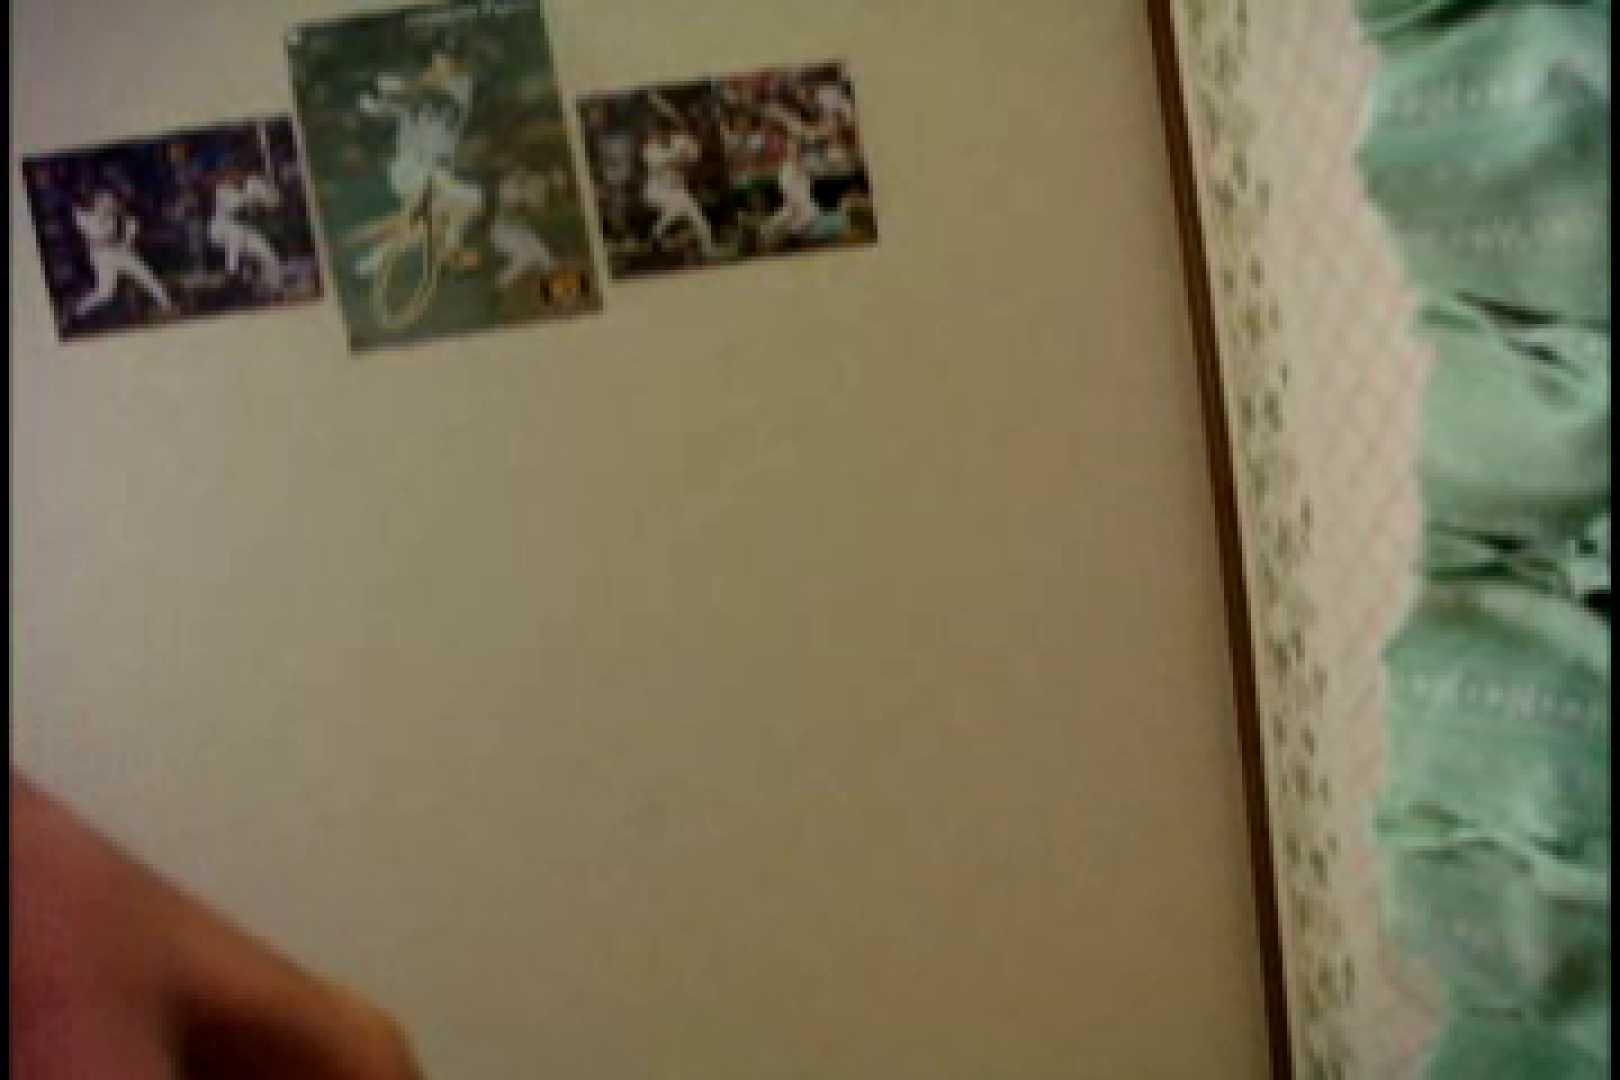 オナ好きノンケテニス部員の自画撮り投稿vol.05 玩具 | チンコ ゲイアダルトビデオ画像 64pic 49